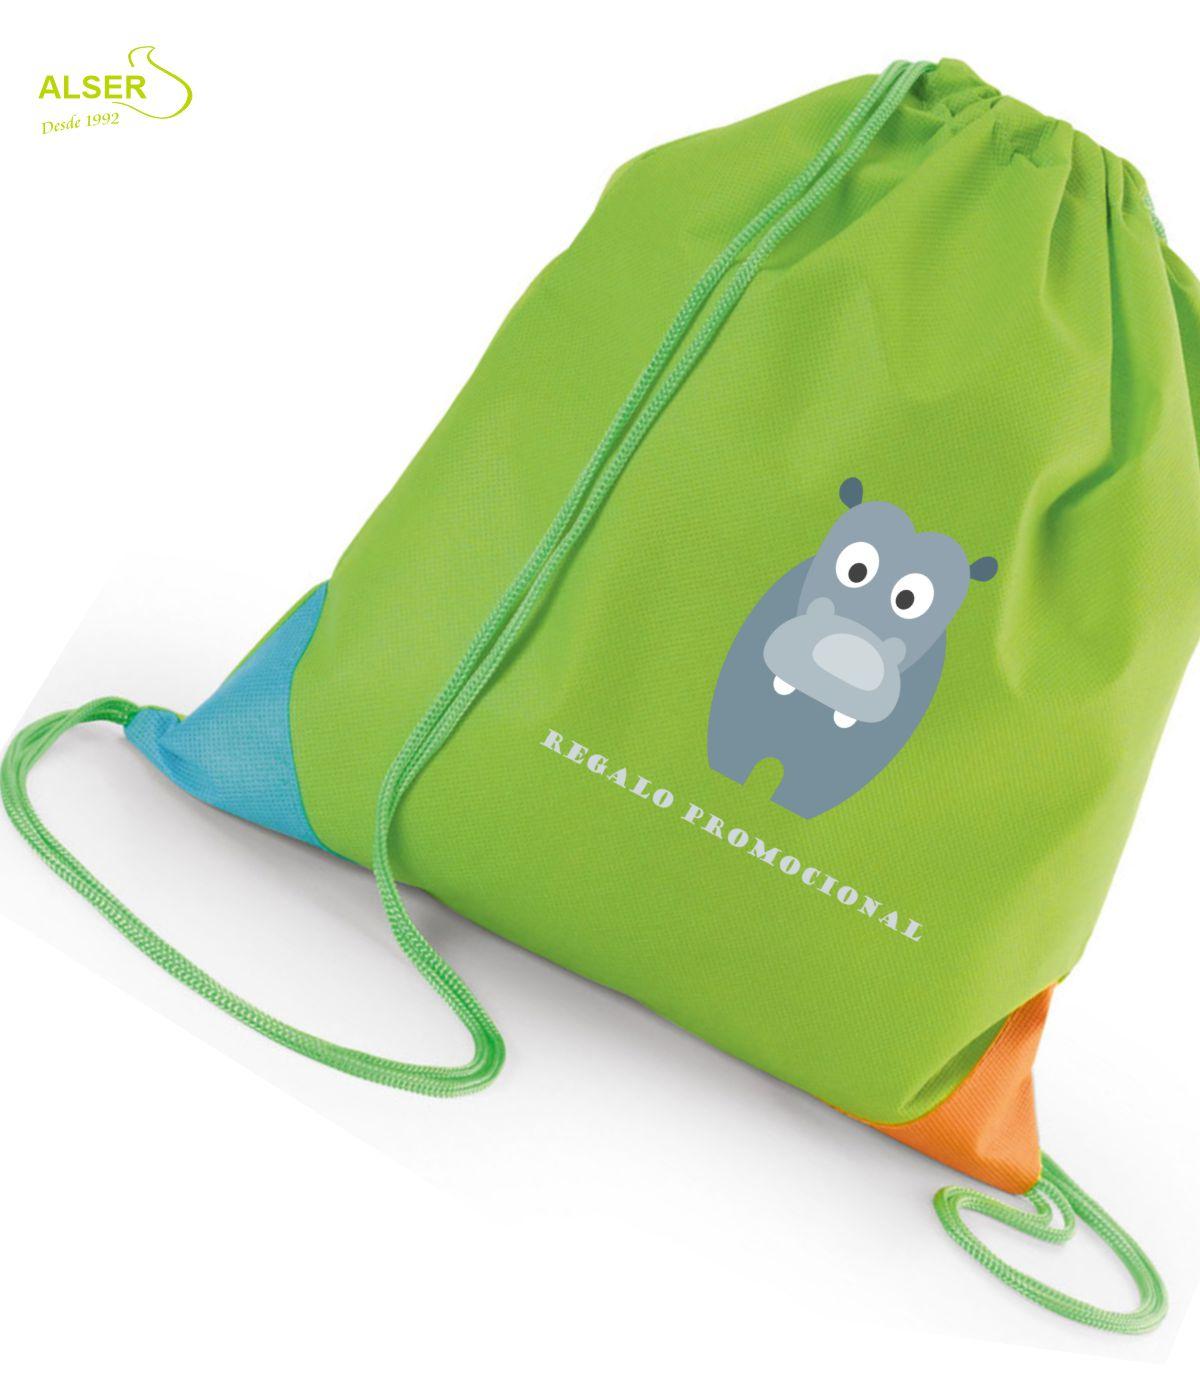 Mochila saco infantil para publicidad. Dos colores, verde